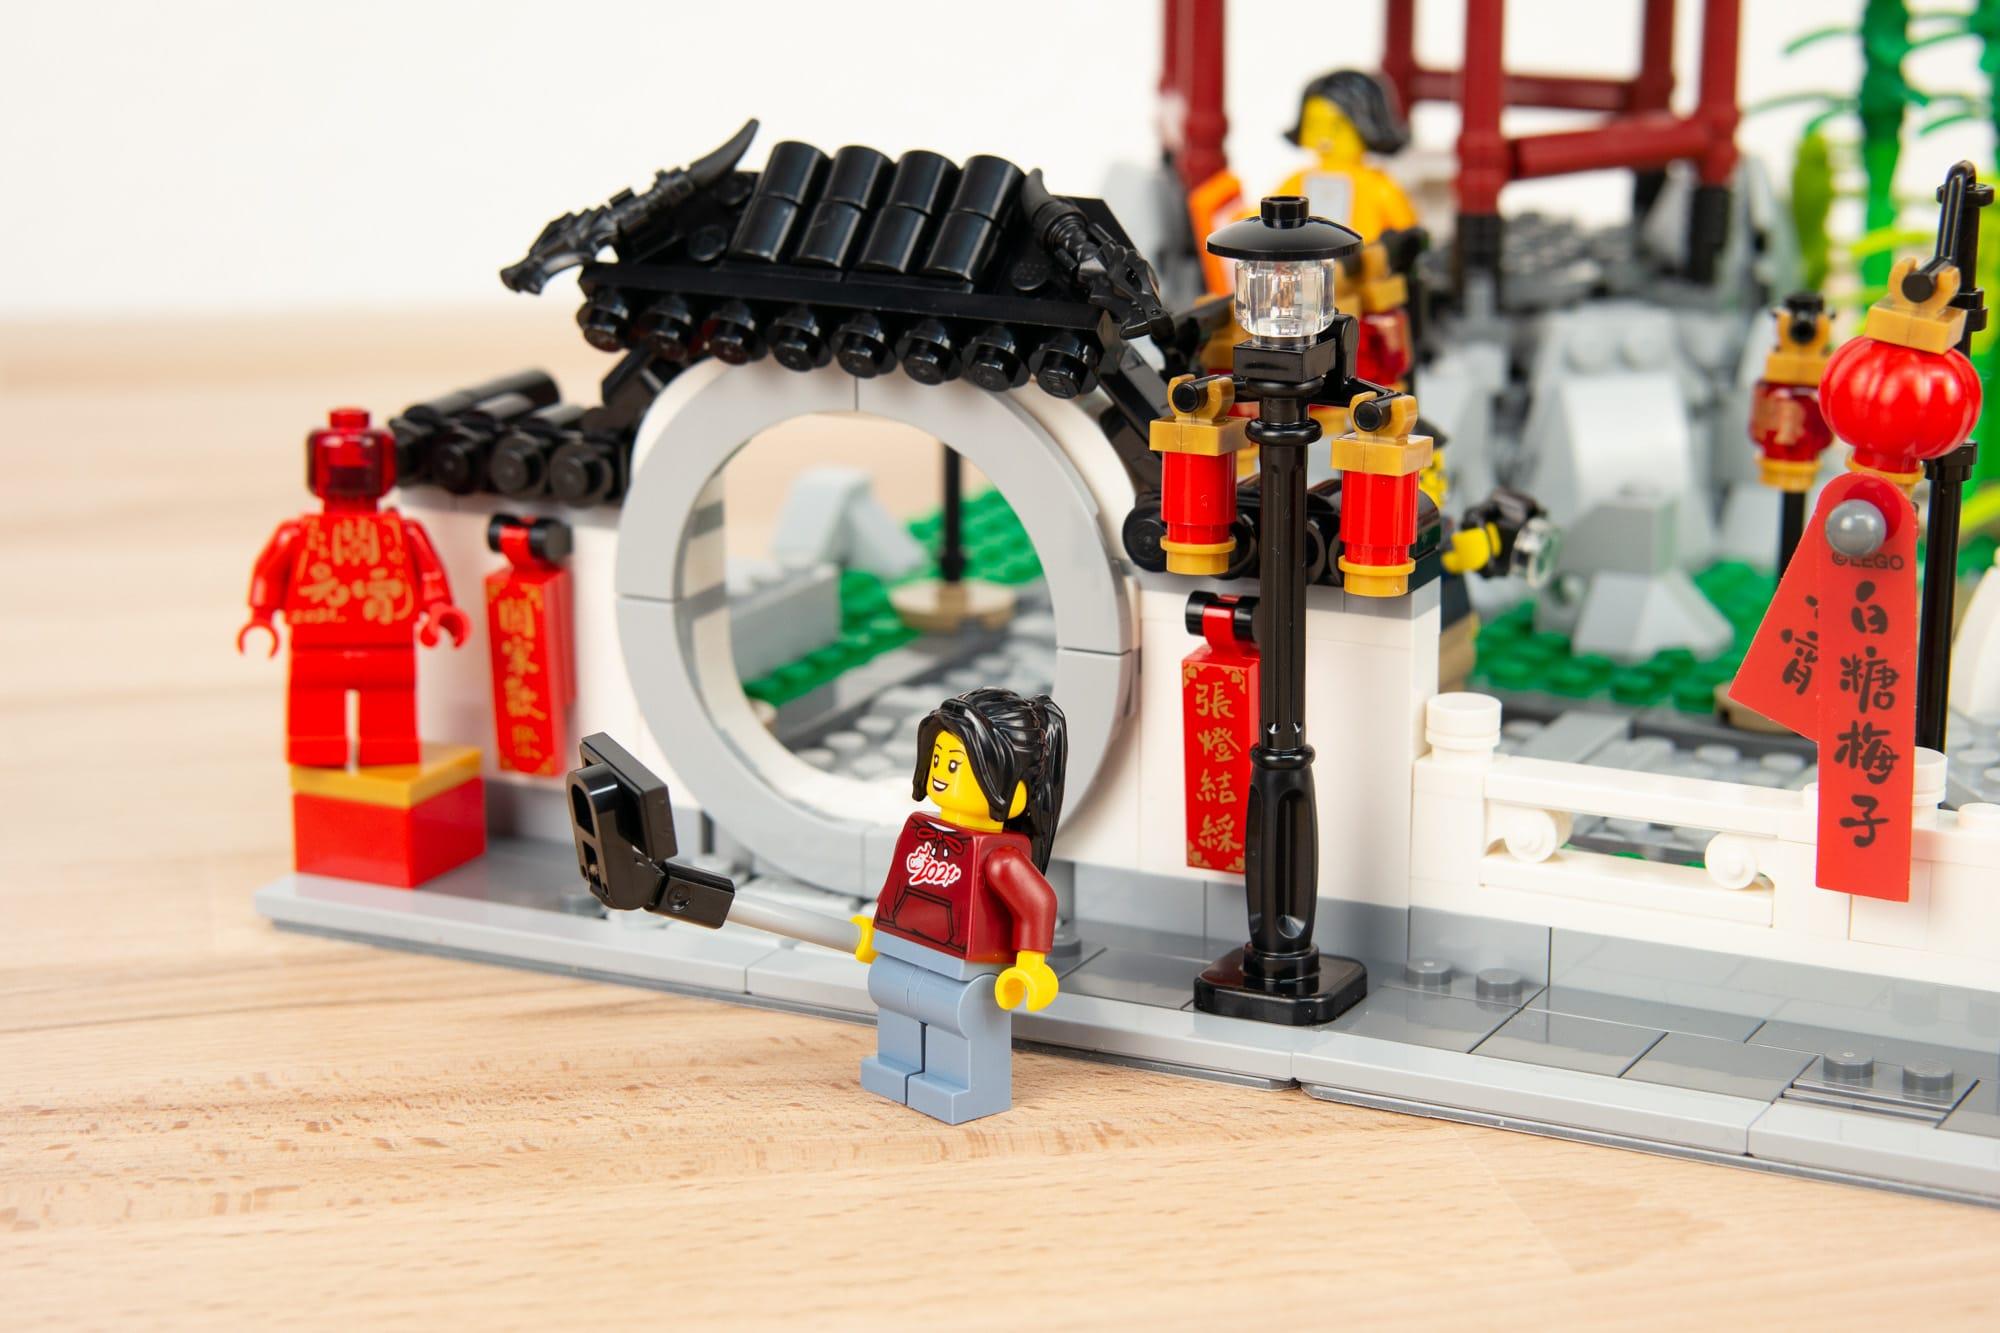 LEGO 80107 Fruehlingslaternenfest Chinesisches Neujahr 71